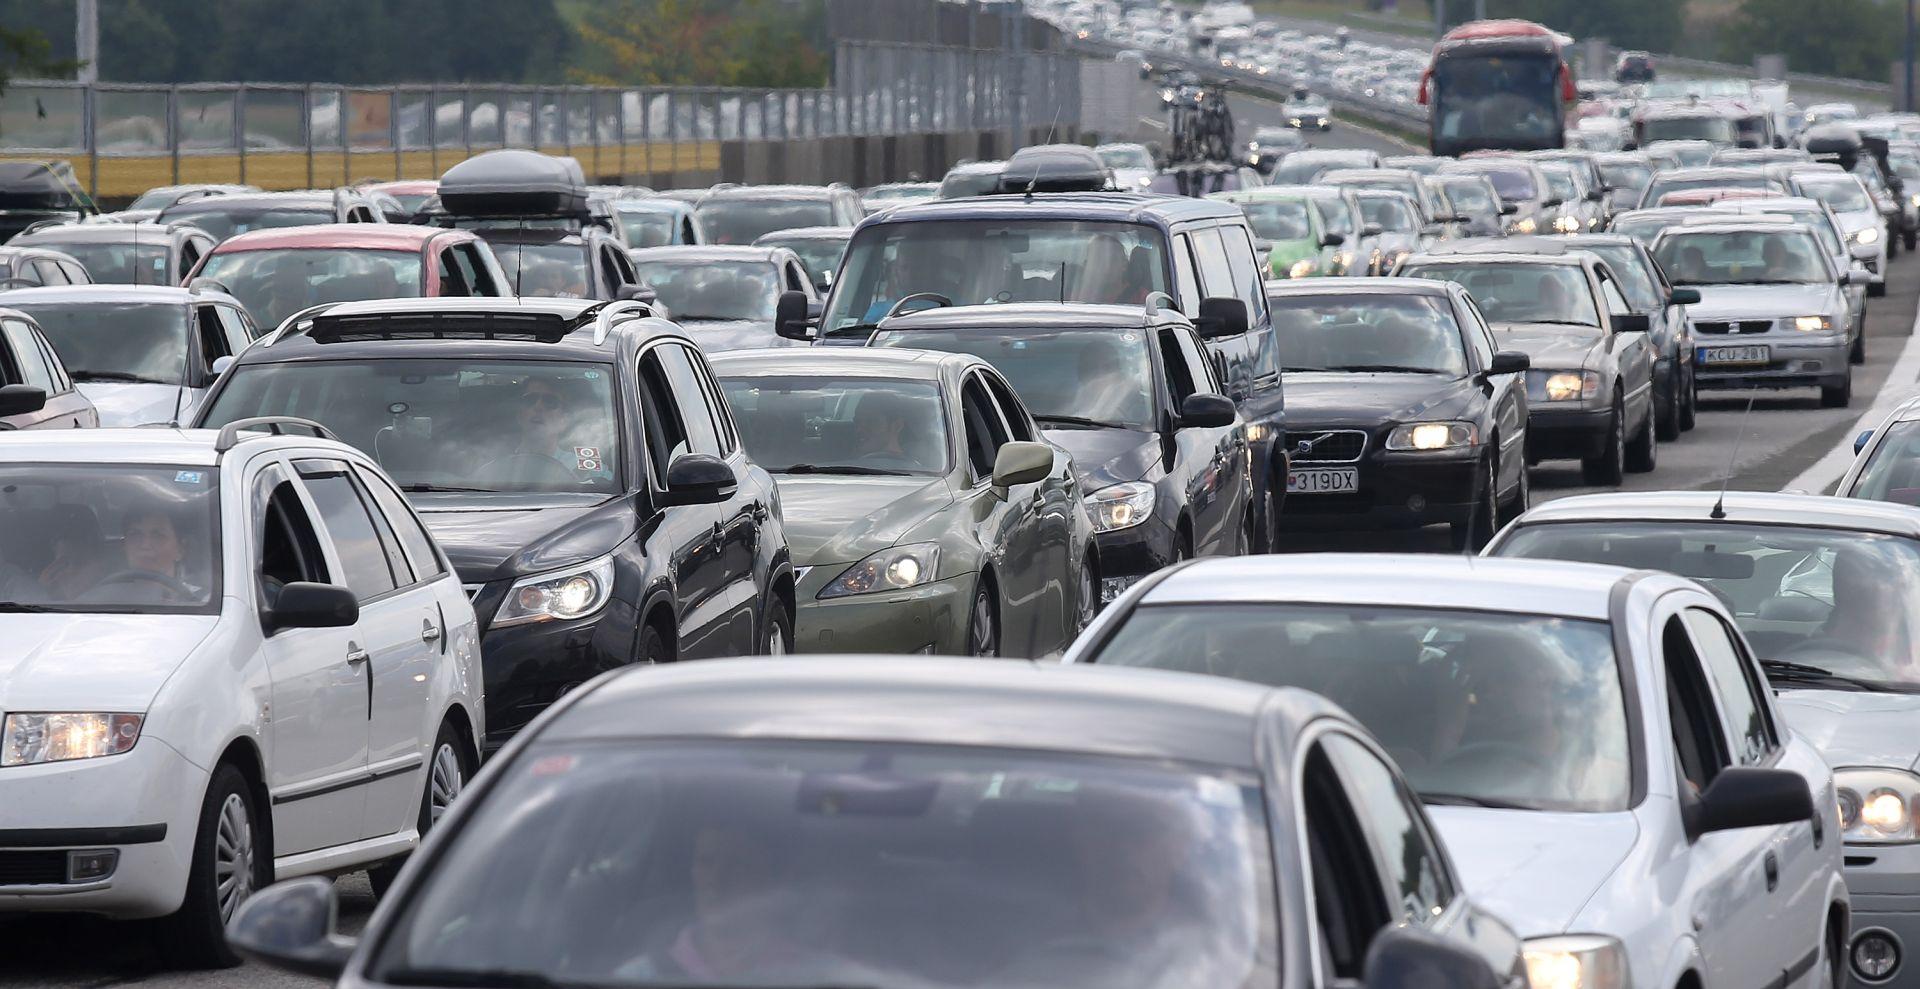 PRVI SRPANJSKI VIKEND Gužve na autocestama i graničnim prijelazima, na Lučkom u smjeru Zagreba kolona 4 km